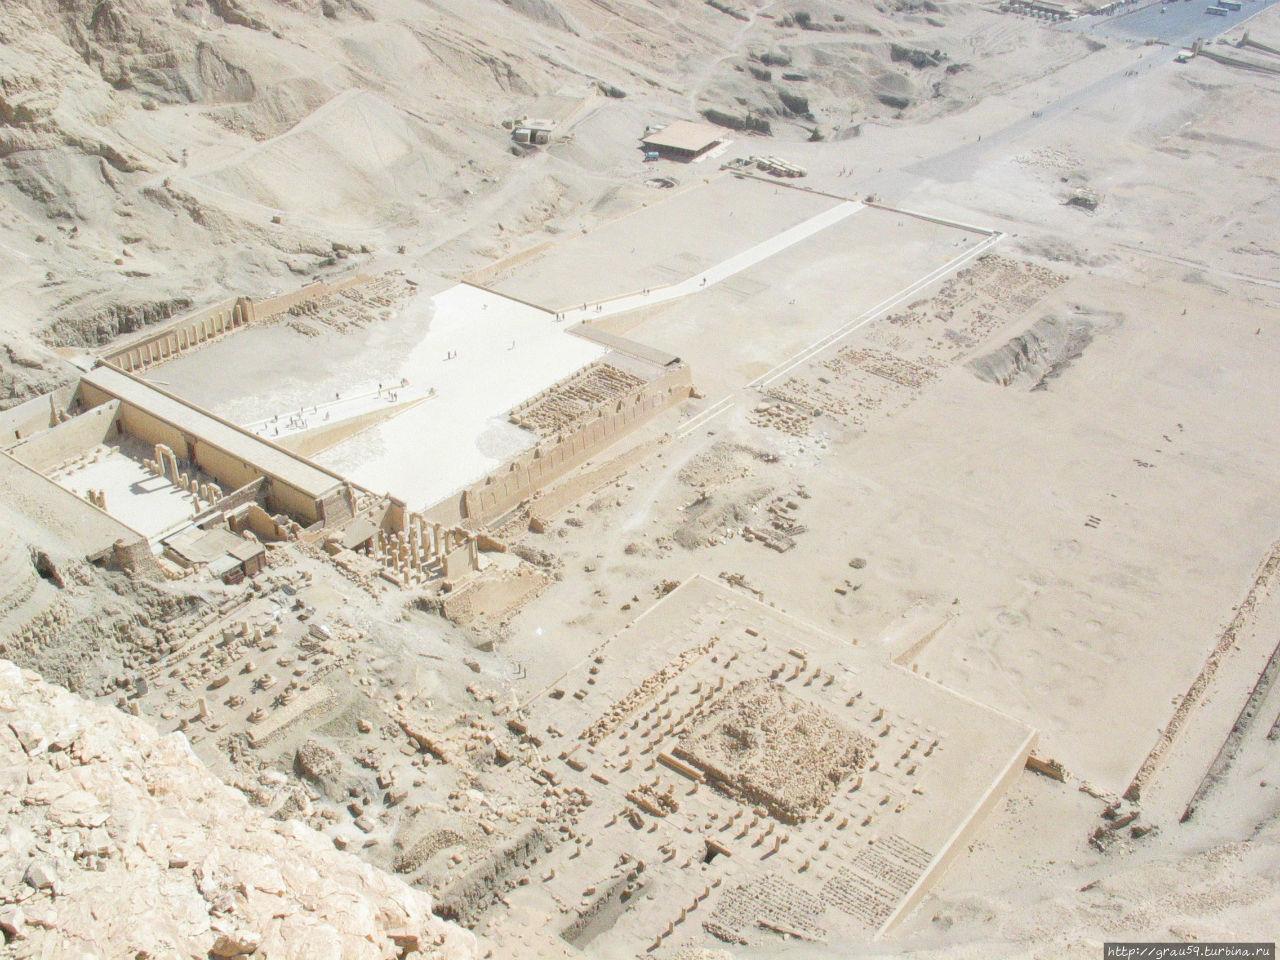 Три храмы в Дейр-эль-Бахри с вершины скалы позади них, часть храма Хатшепсут на левой, храм Тутмоса III в центре, и храм Ментухотепа II, справа. (Фото из Интернета)